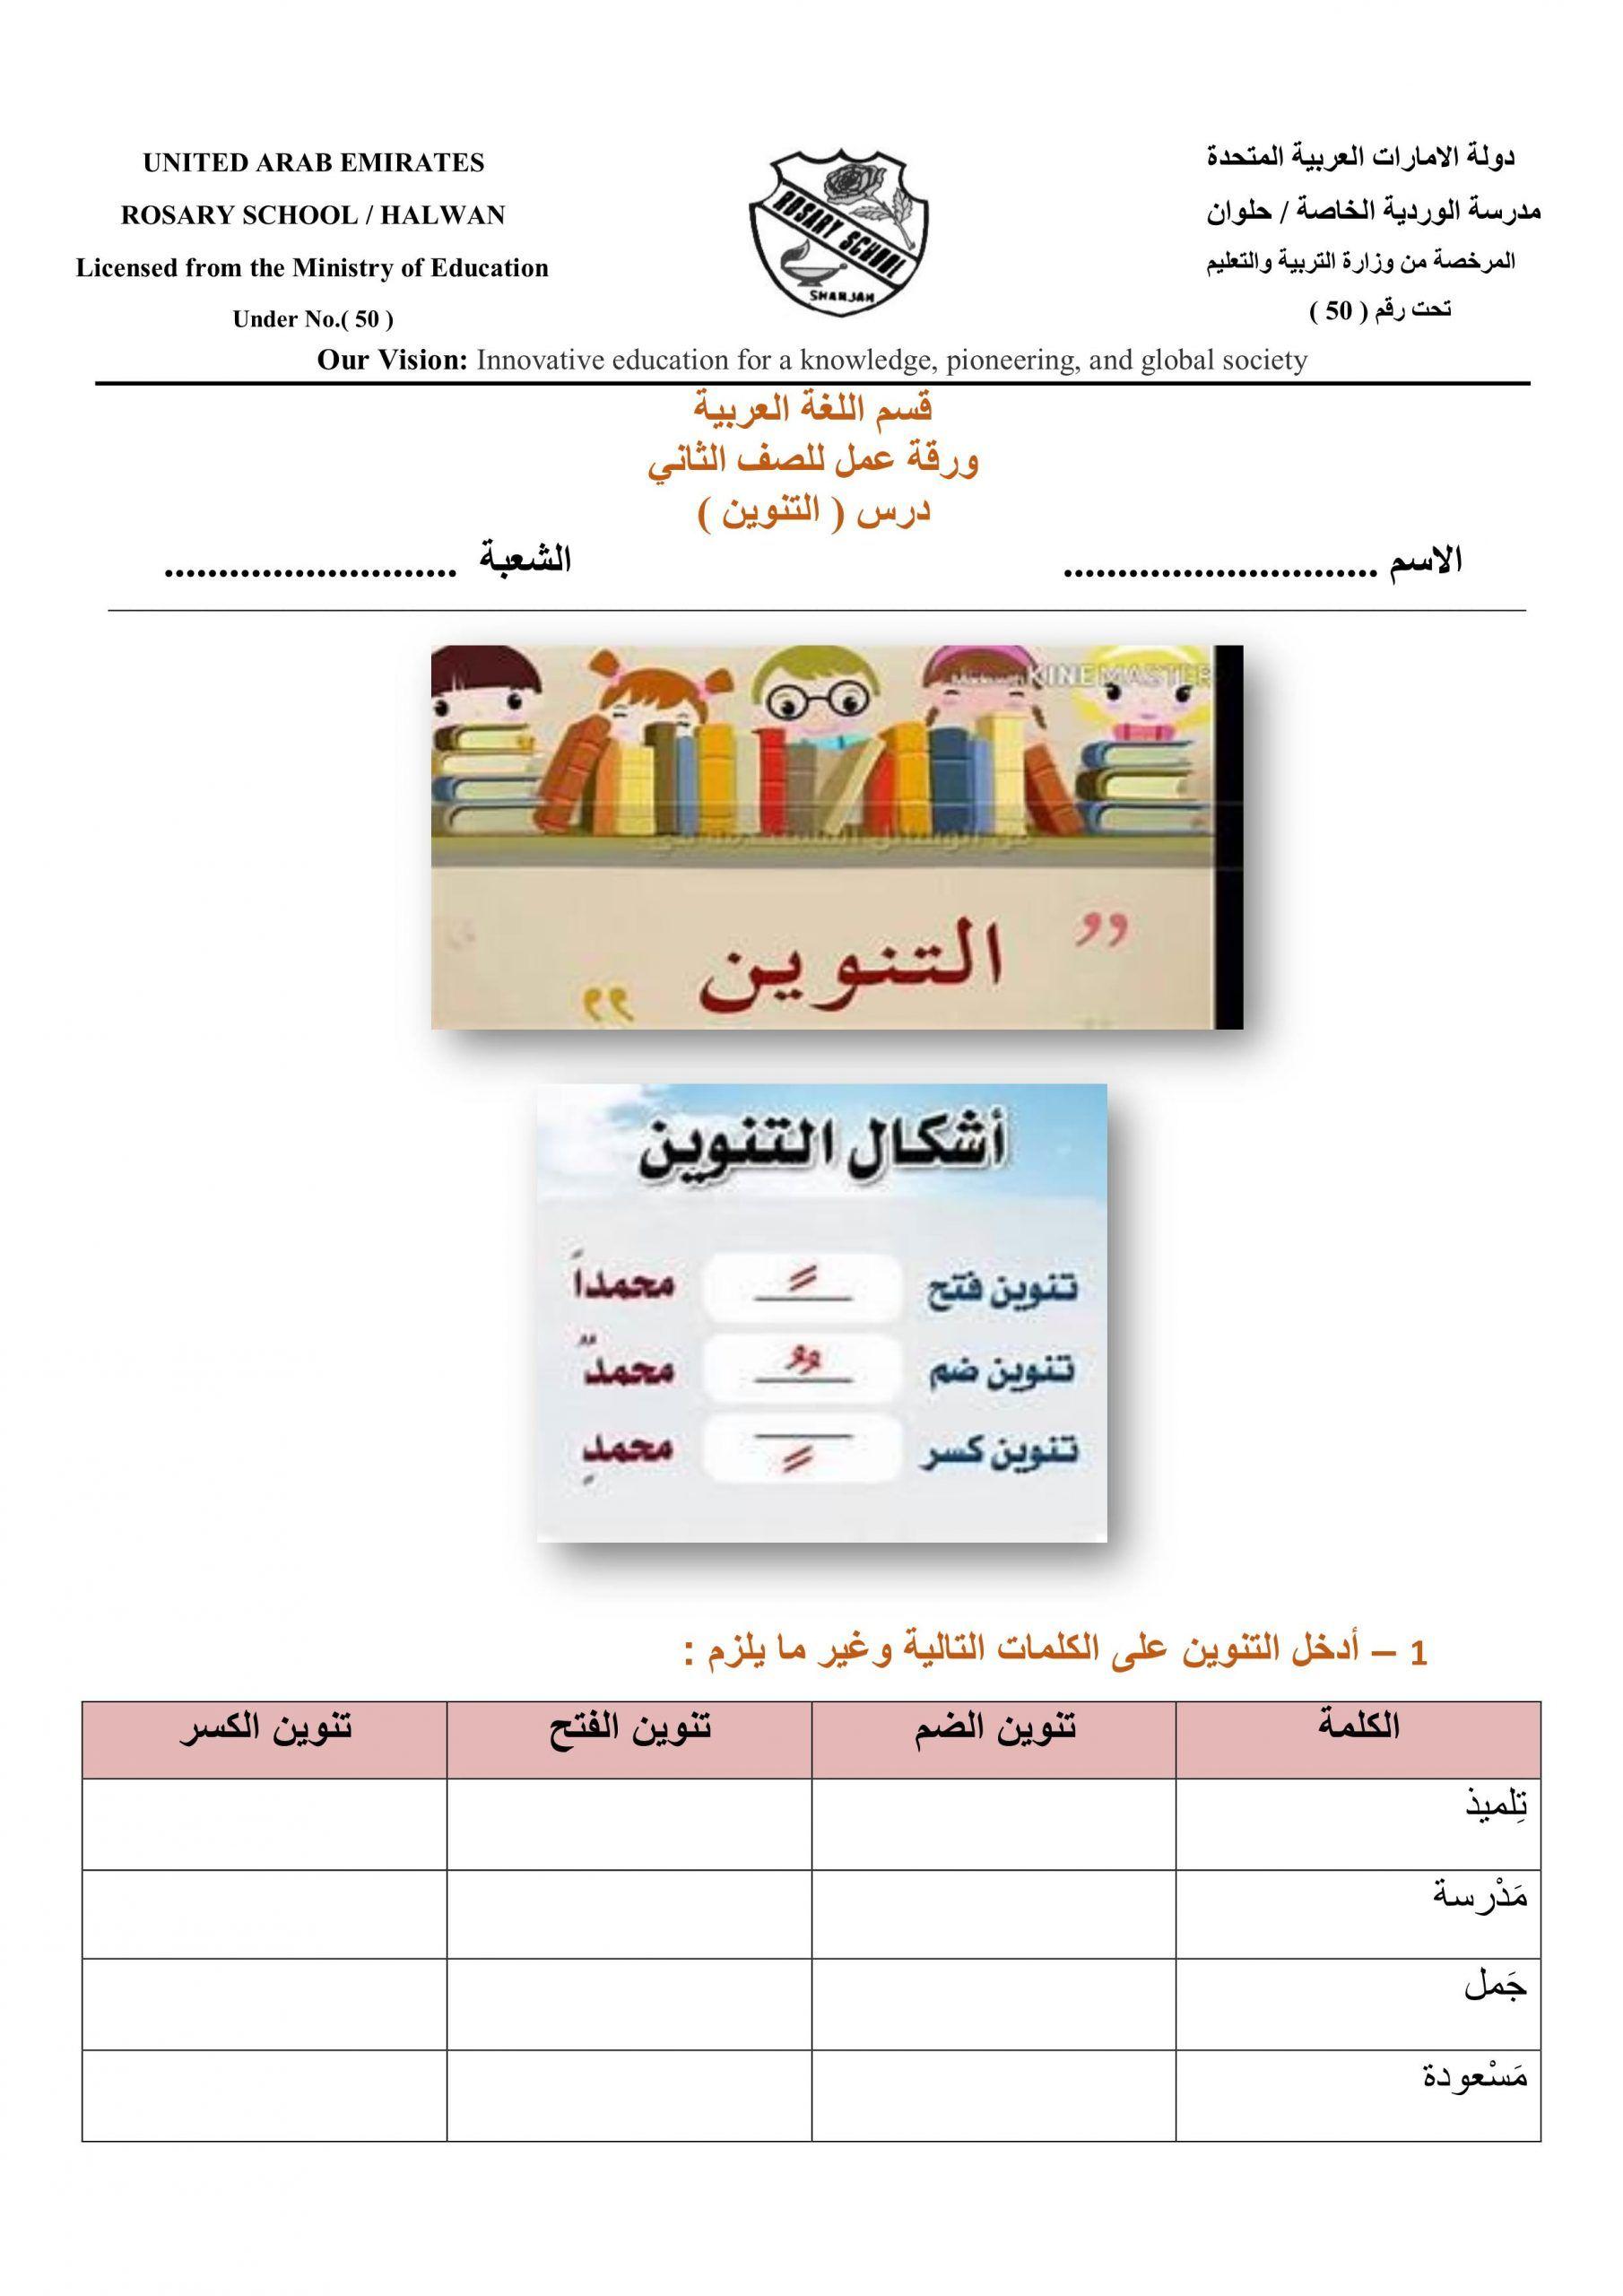 ورقة عمل مراجعة درس التنوين للصف الثاني مادة اللغة العربية Innovative Education Ministry Of Education Education